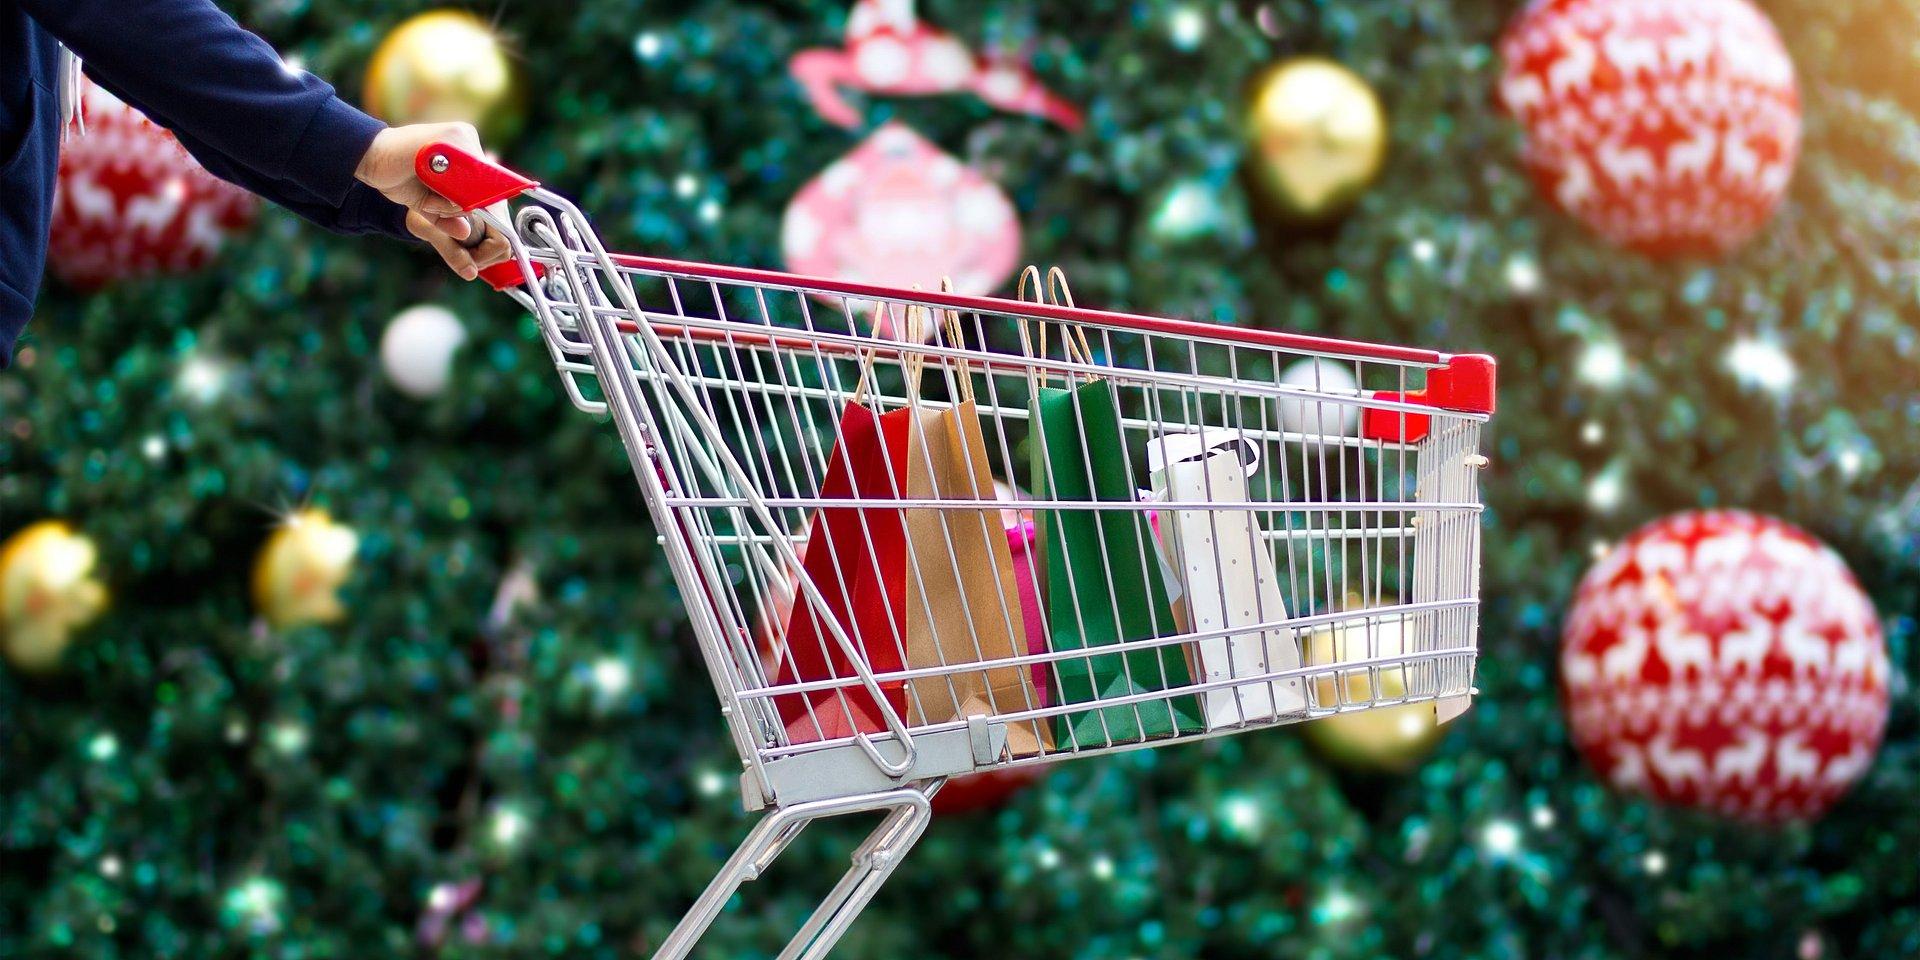 Polacy zakupy świąteczne robią na ostatnią chwilę. W grudniu największe centra handlowe odwiedzi ponad 1 mln klientów